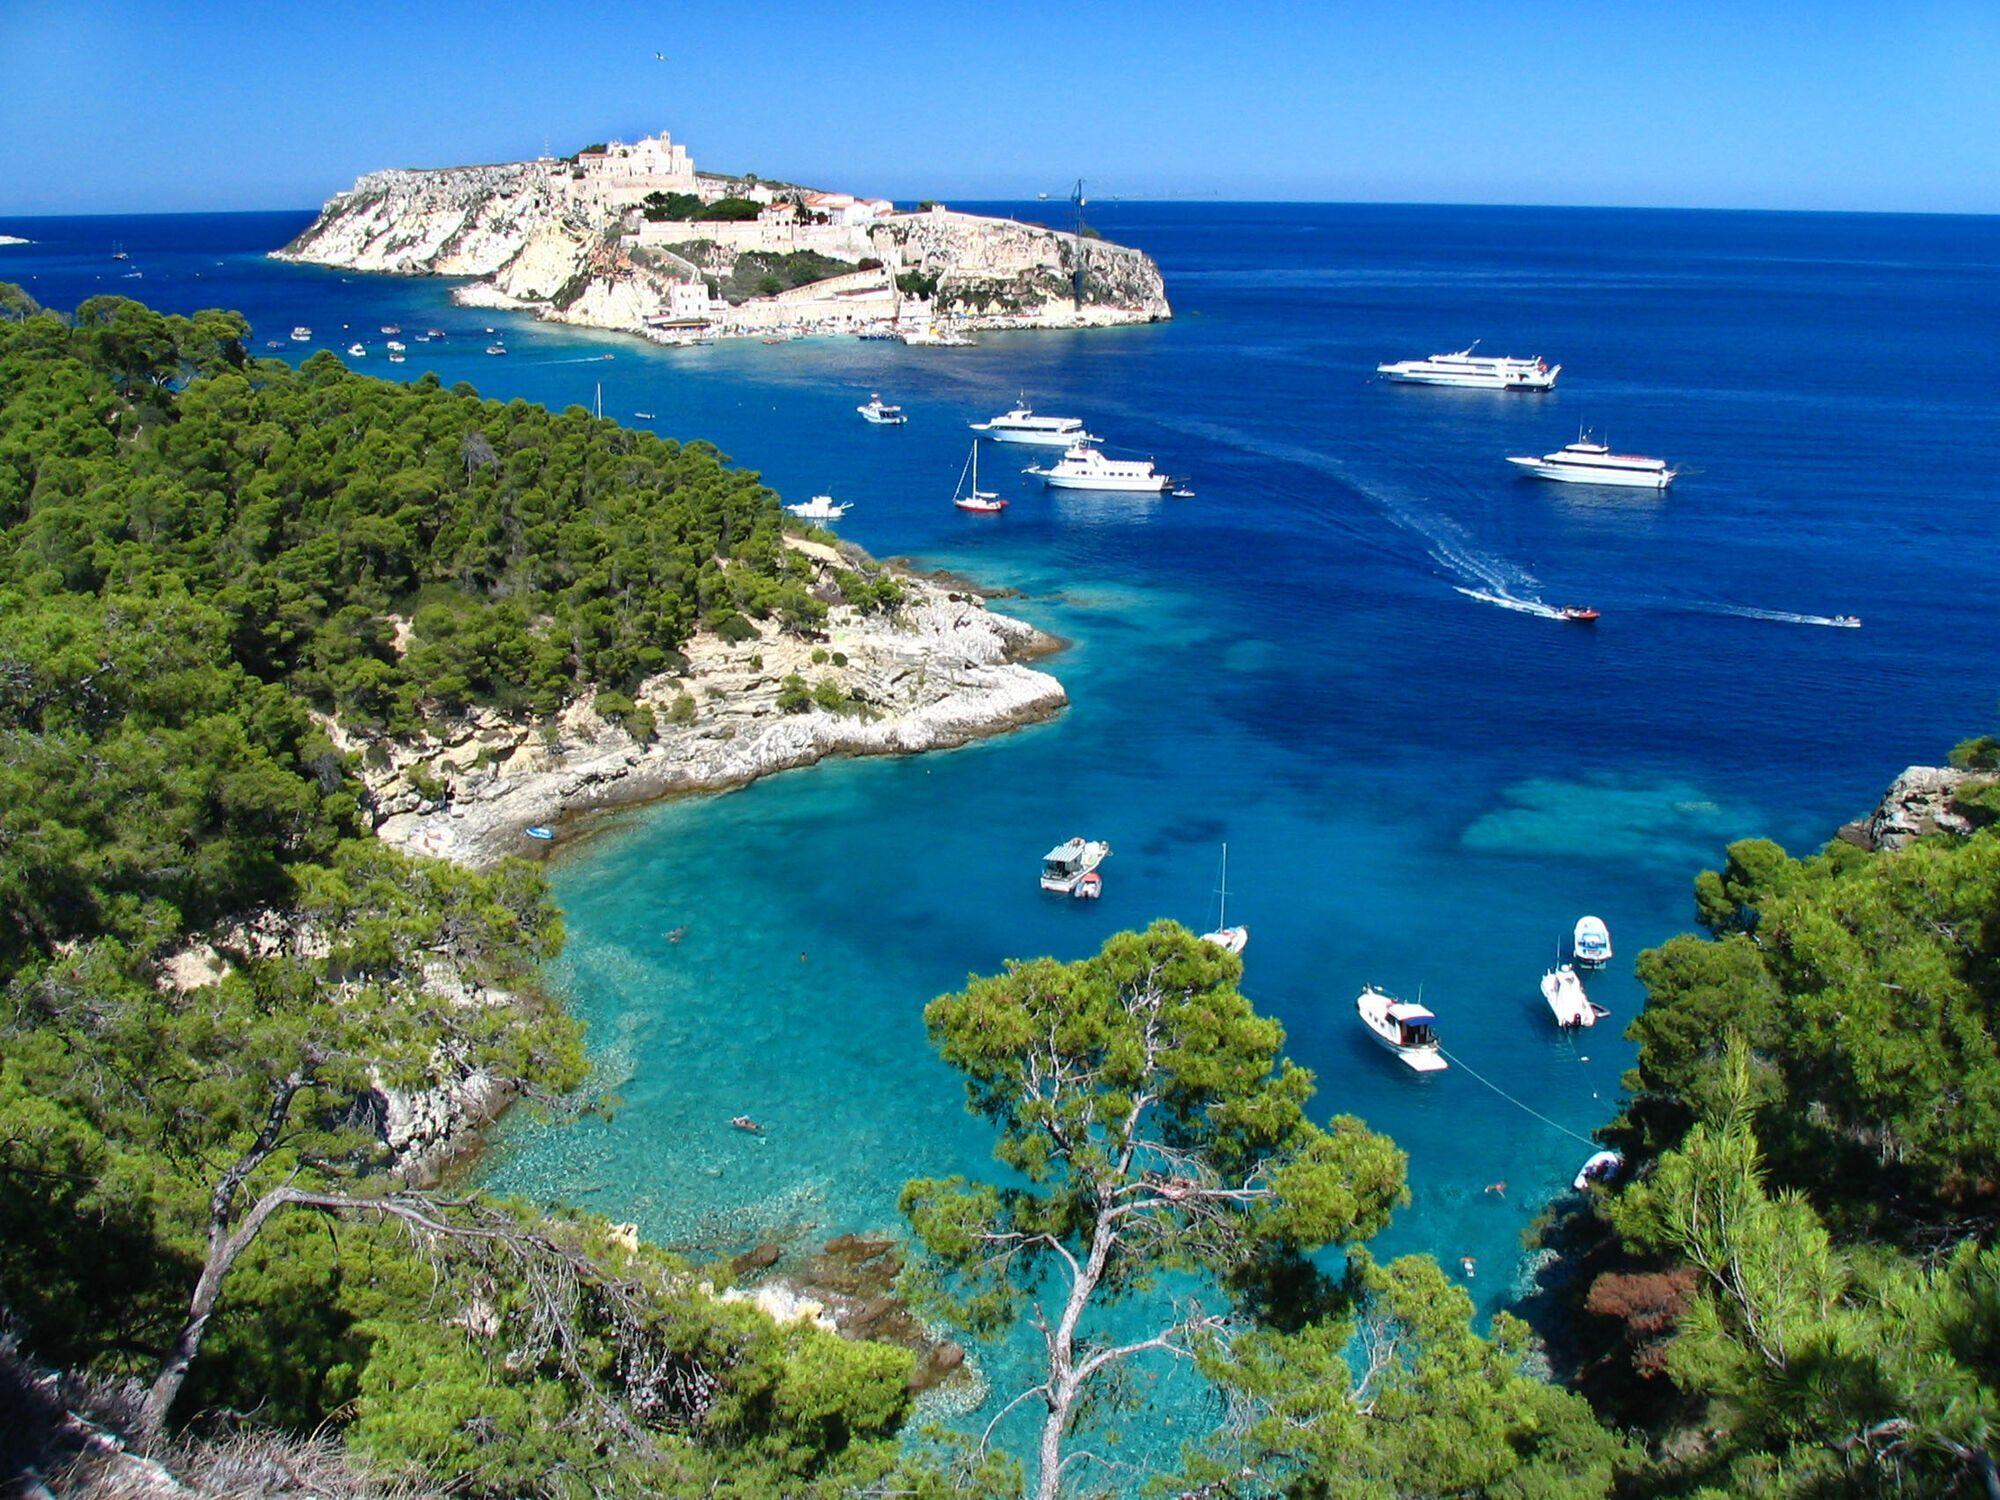 До Егейського моря примикають такі курорти, як Мармарис, Бодрум, Даламан, Ізмір і Фетхіє